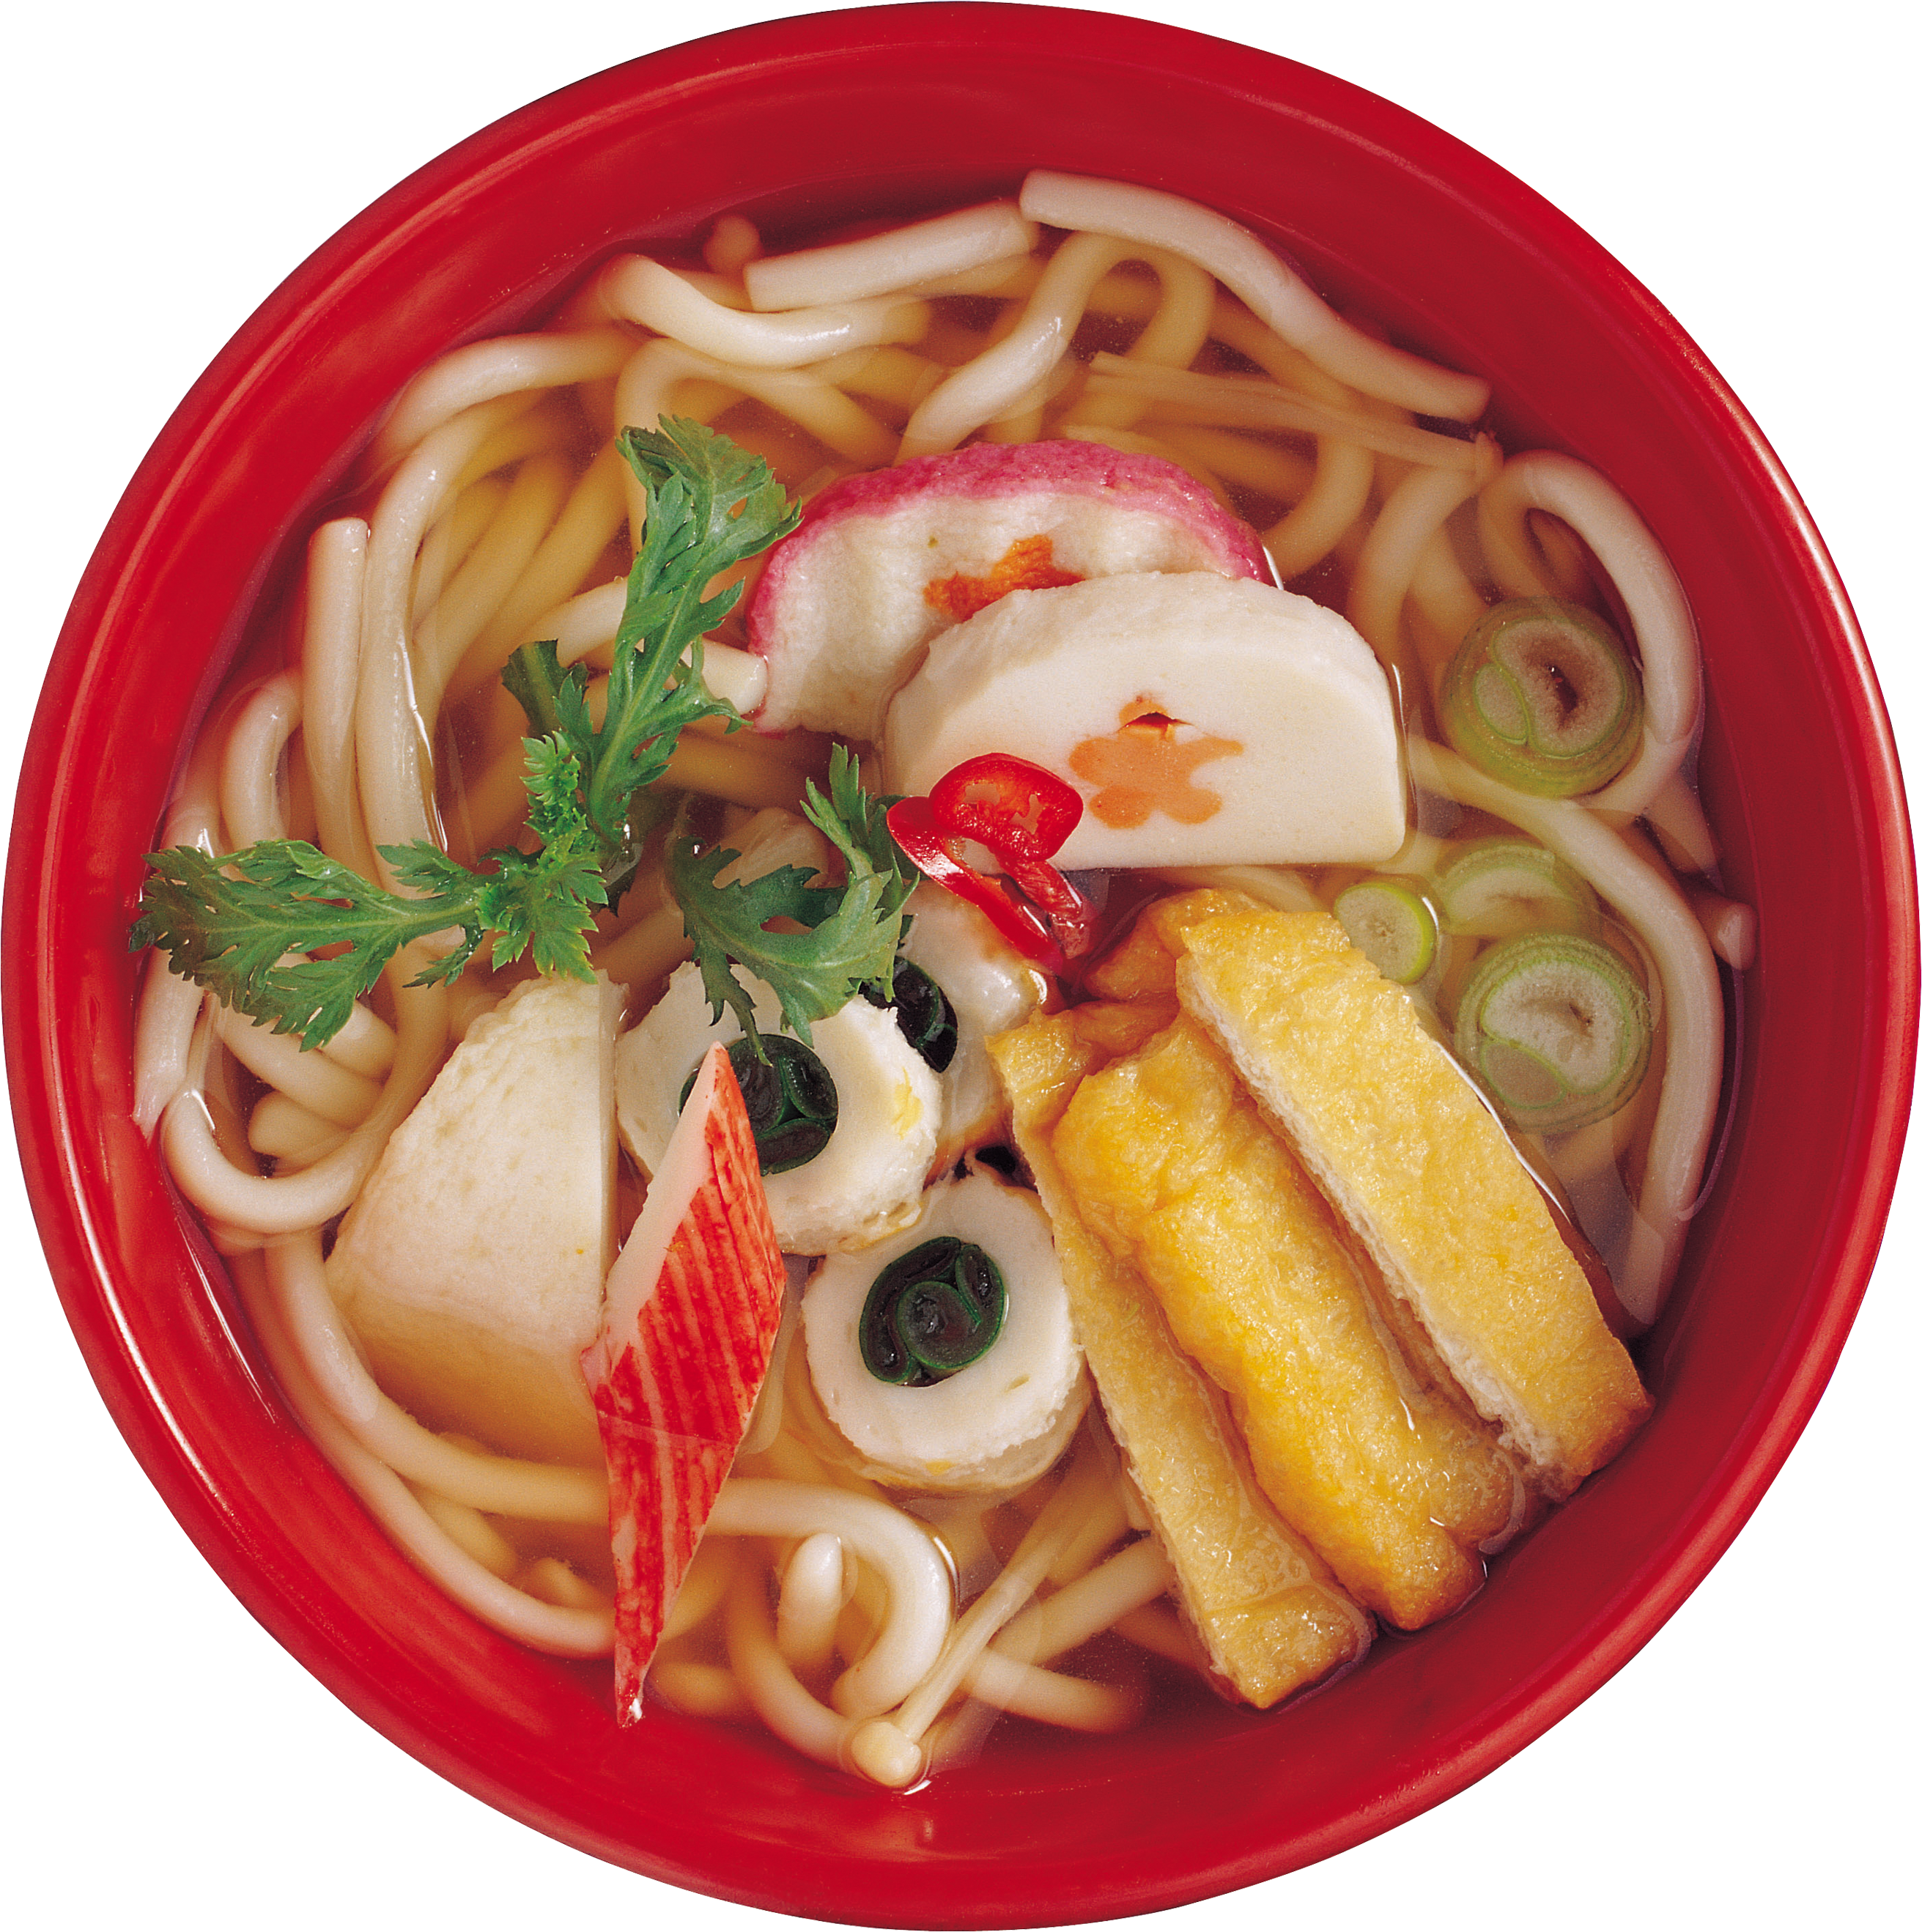 Noodles clipart udon noodle. Png images free download